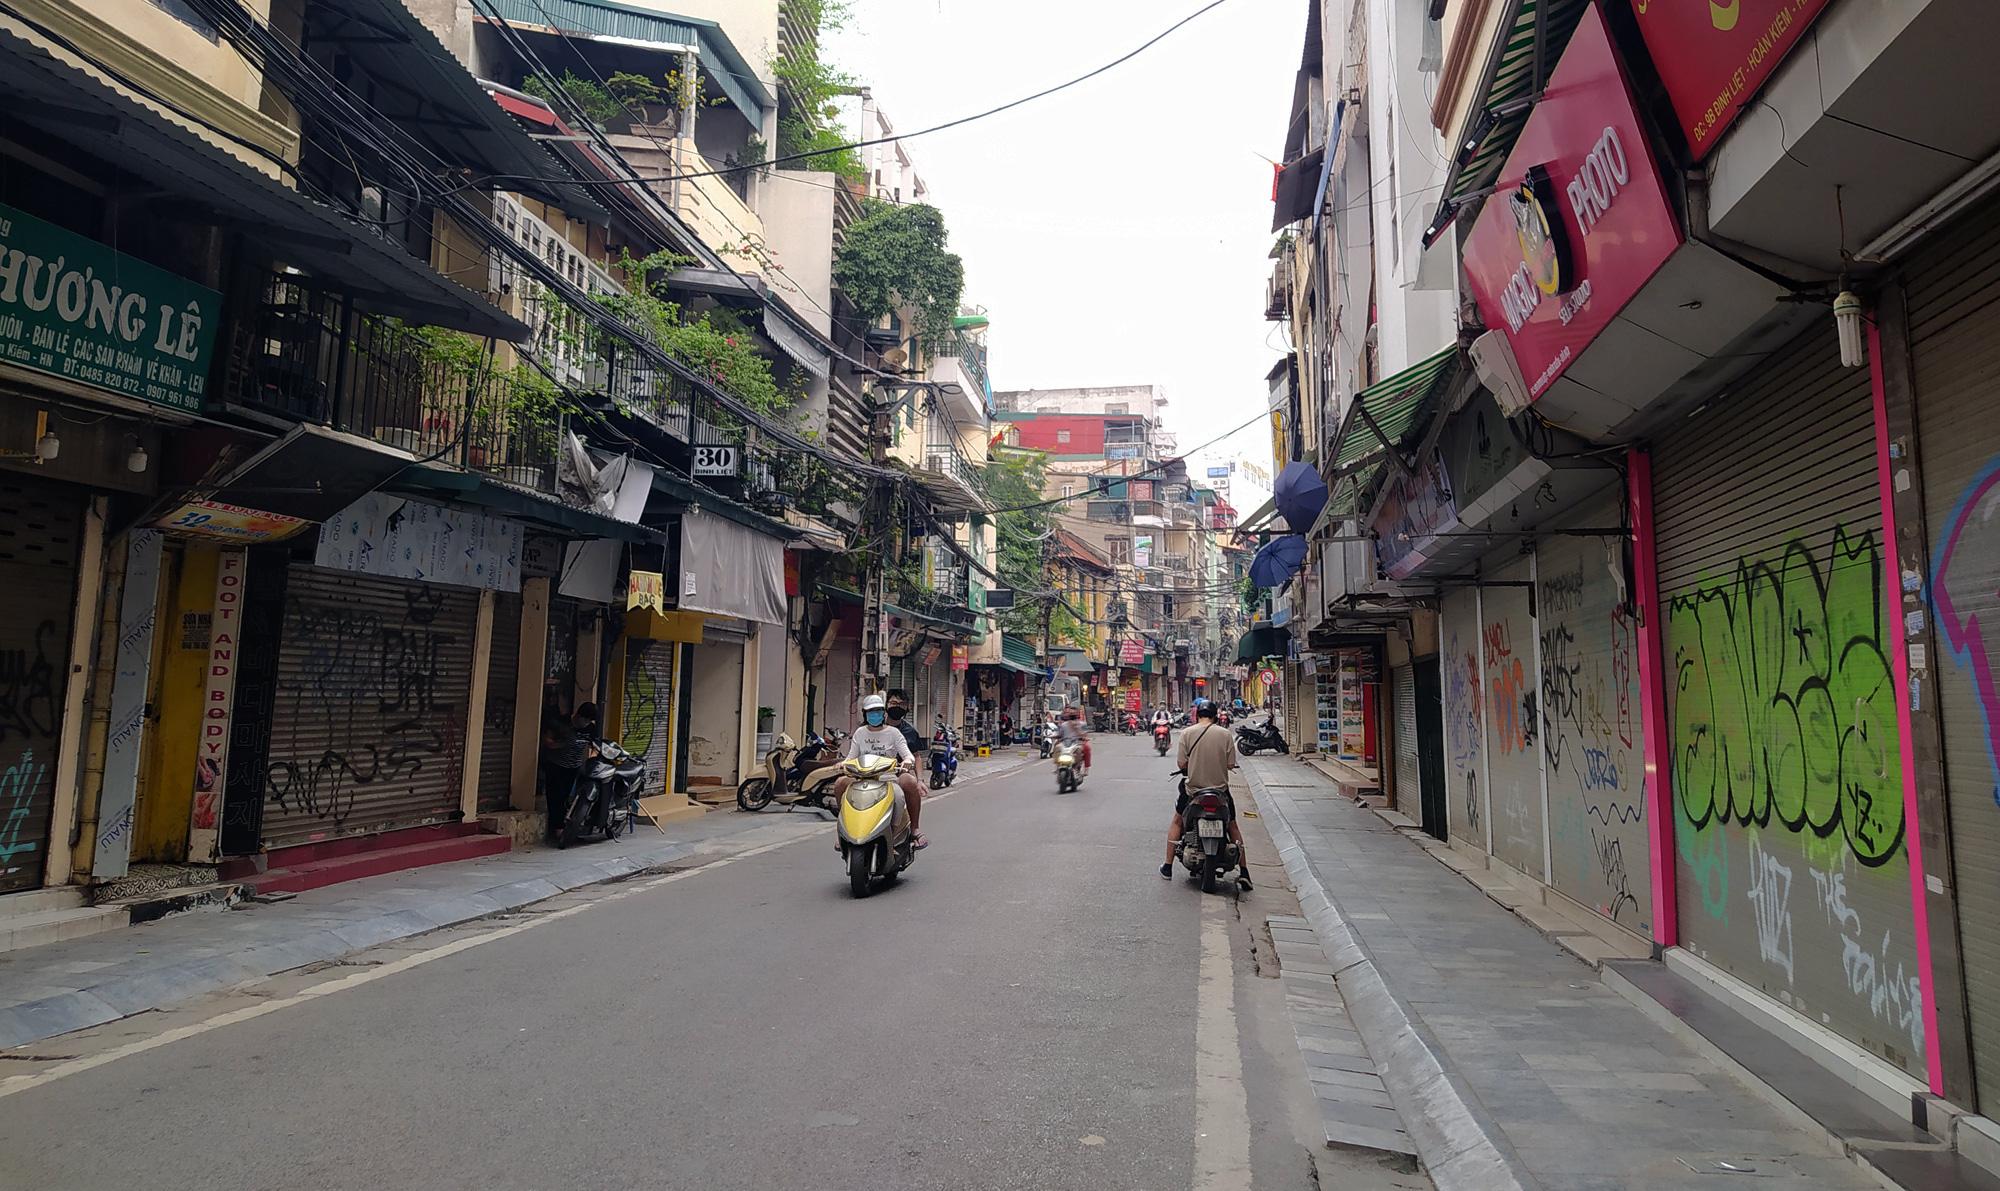 Hà Nội giữa dịch Covid-19: Người dân mặc áo mưa đi mua hàng, nhiều quán cà phê vẫn mở cửa - Ảnh 2.